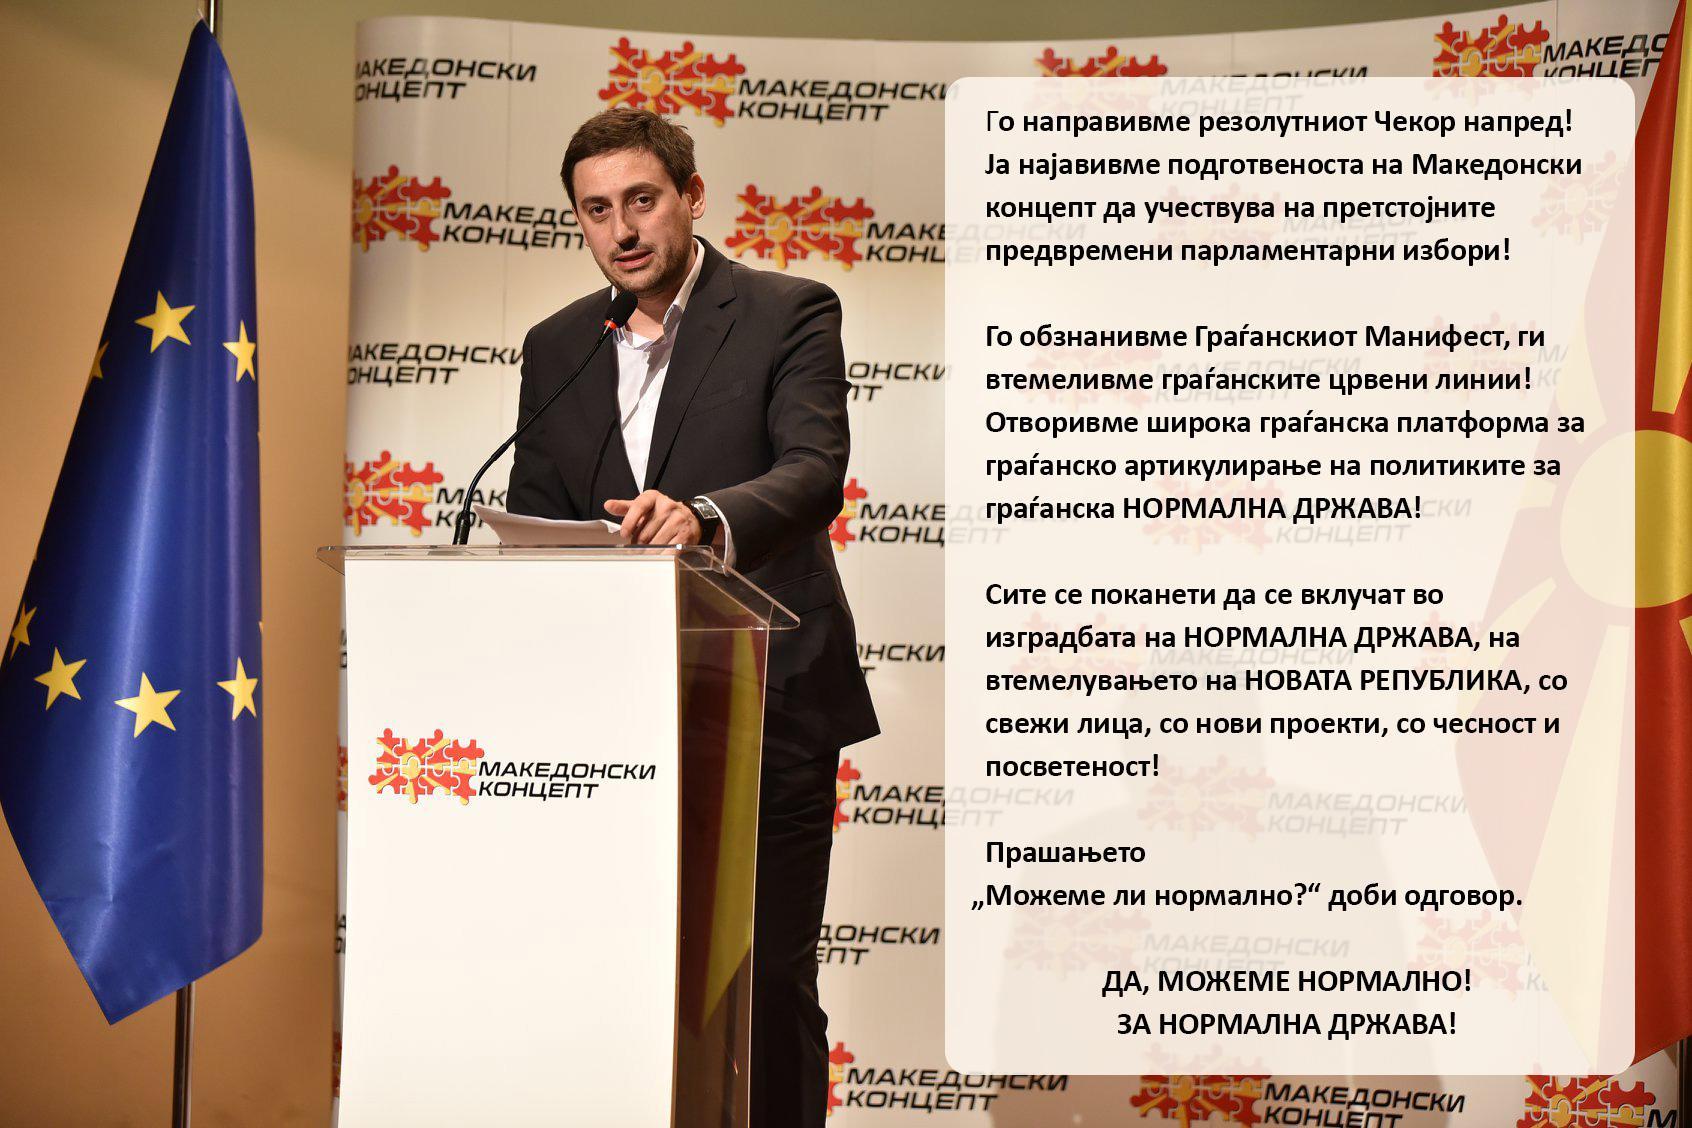 makedonski-koncept (1)